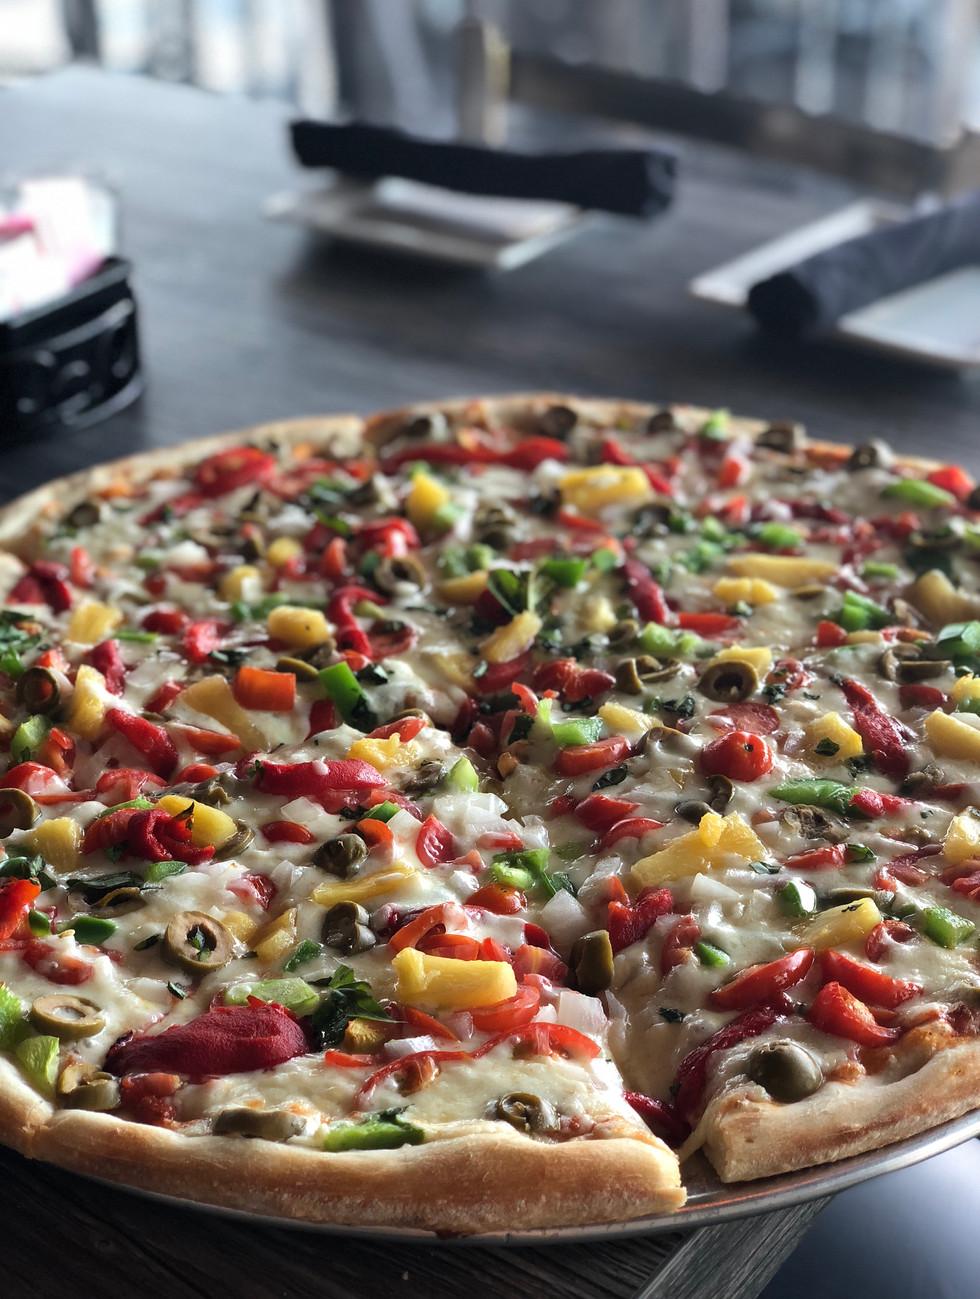 Amano Specials Pizza